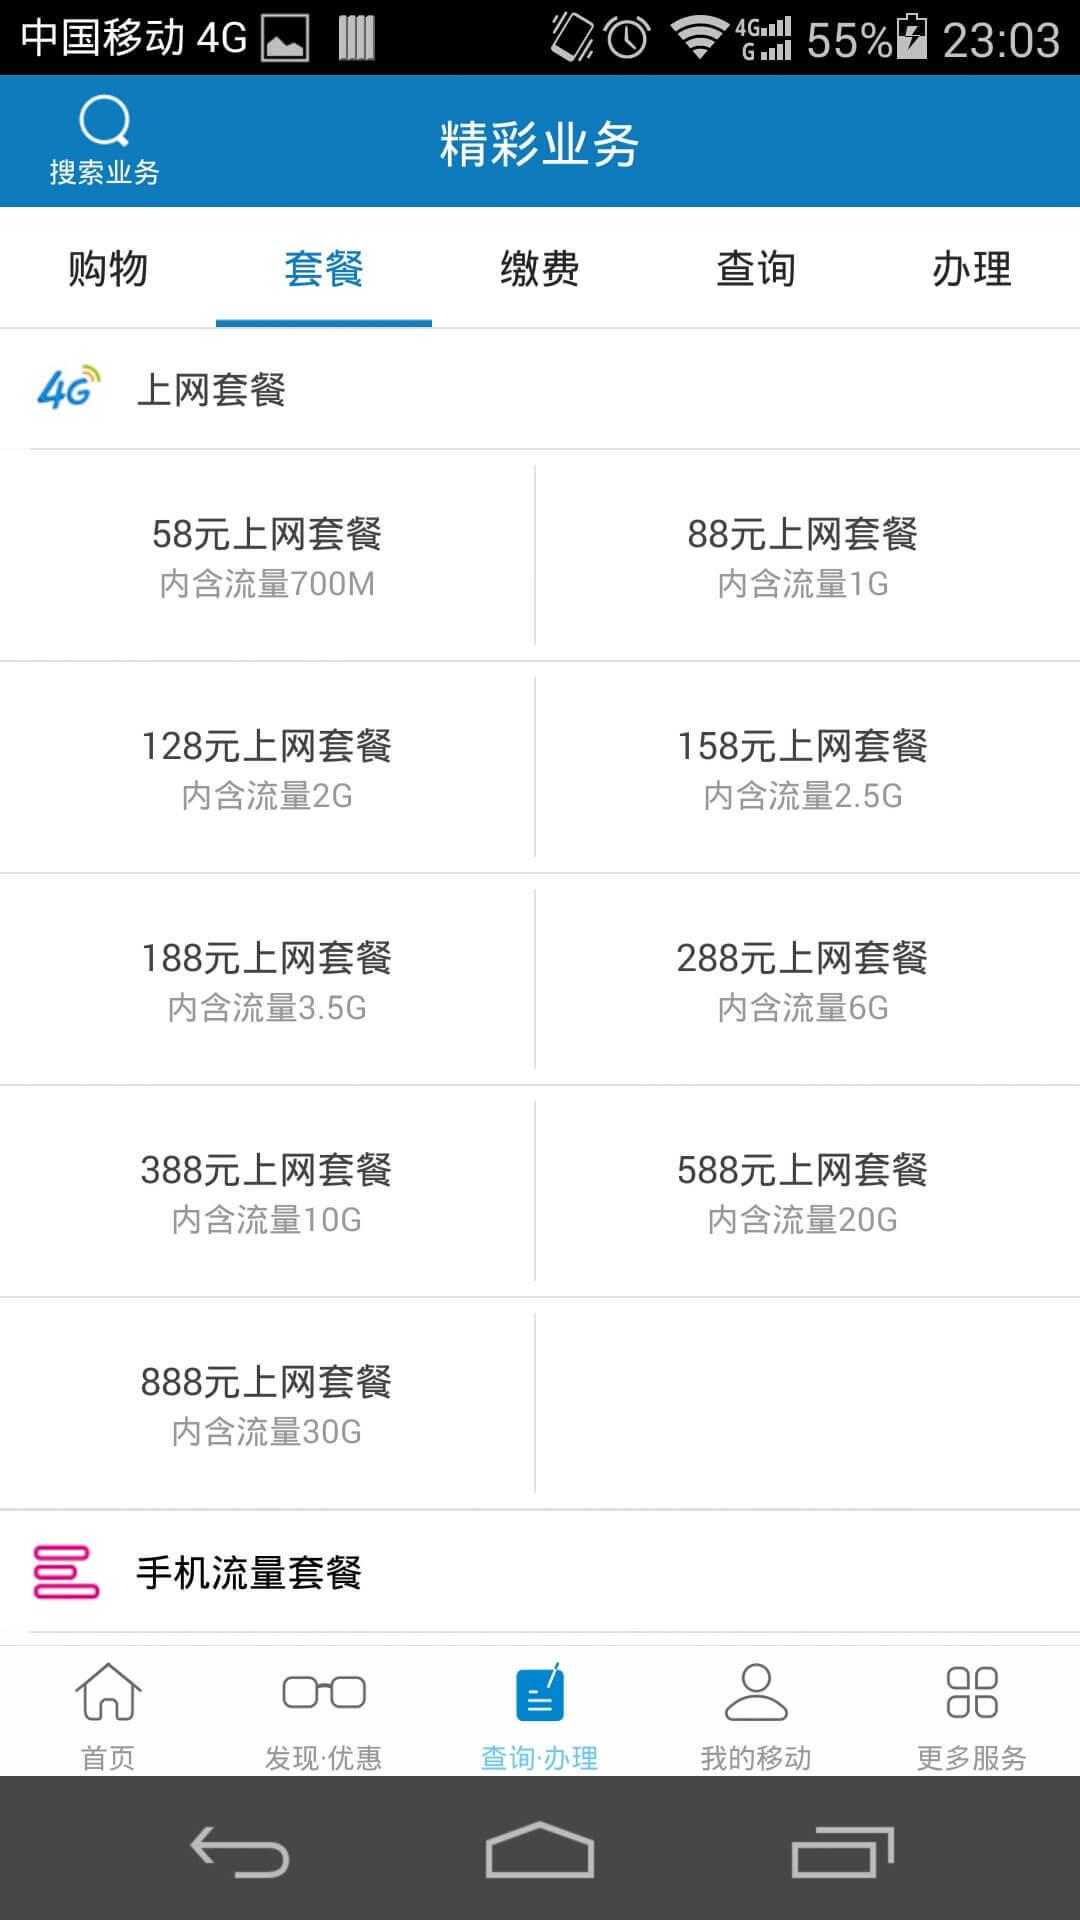 深圳移动营业厅截图3